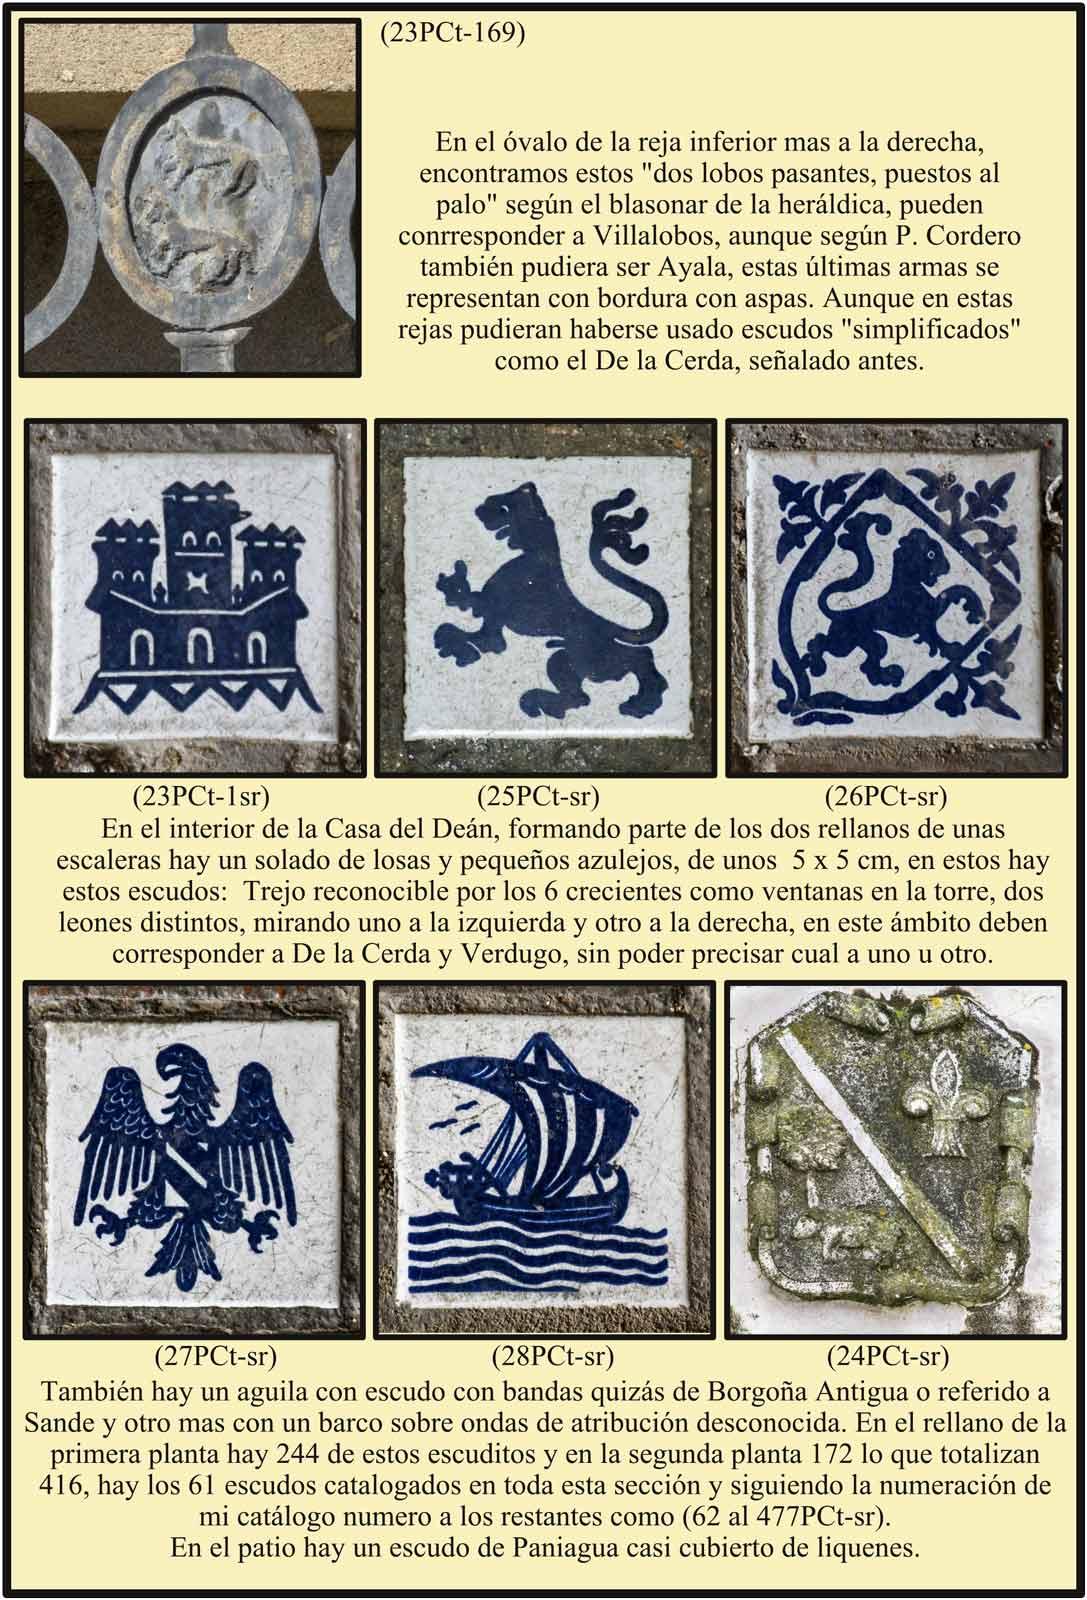 Escudos en el suelo de dos rellanos de la Casa del Dean Casa del Dean Patio con escudo Paniagua